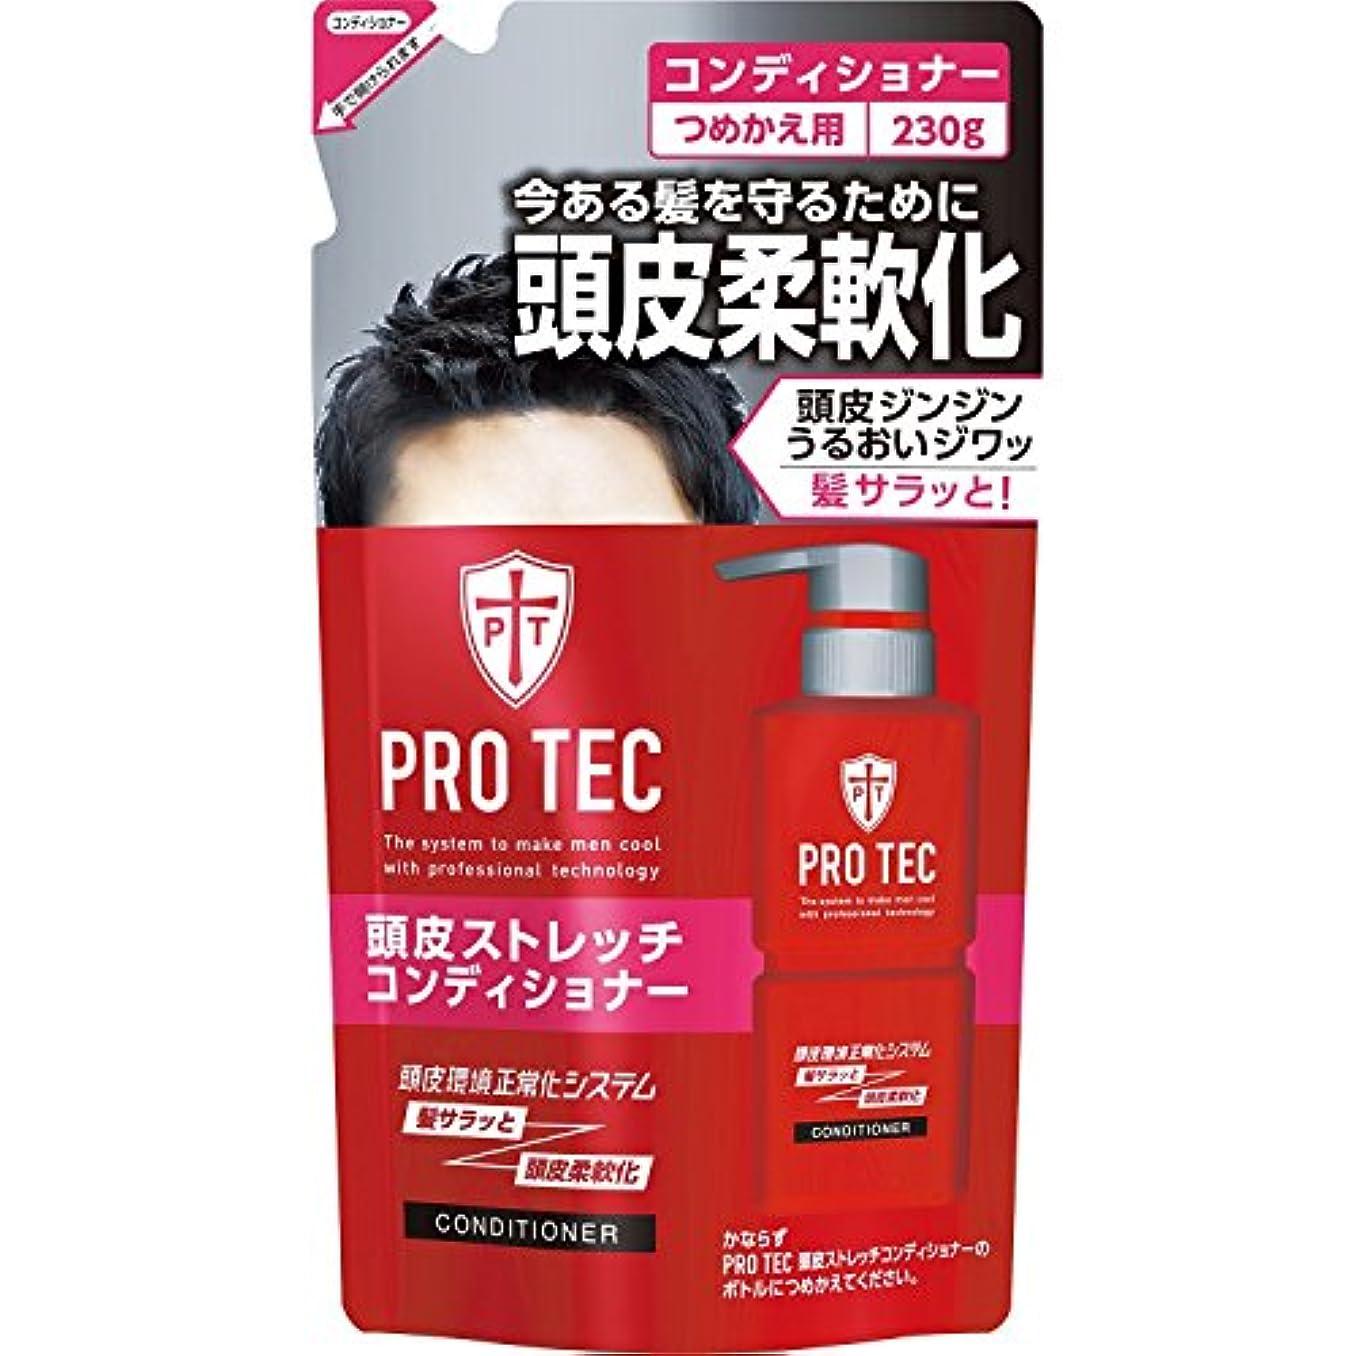 カメ砲撃ほのめかすPRO TEC(プロテク) 頭皮ストレッチ コンディショナー 詰め替え 230g